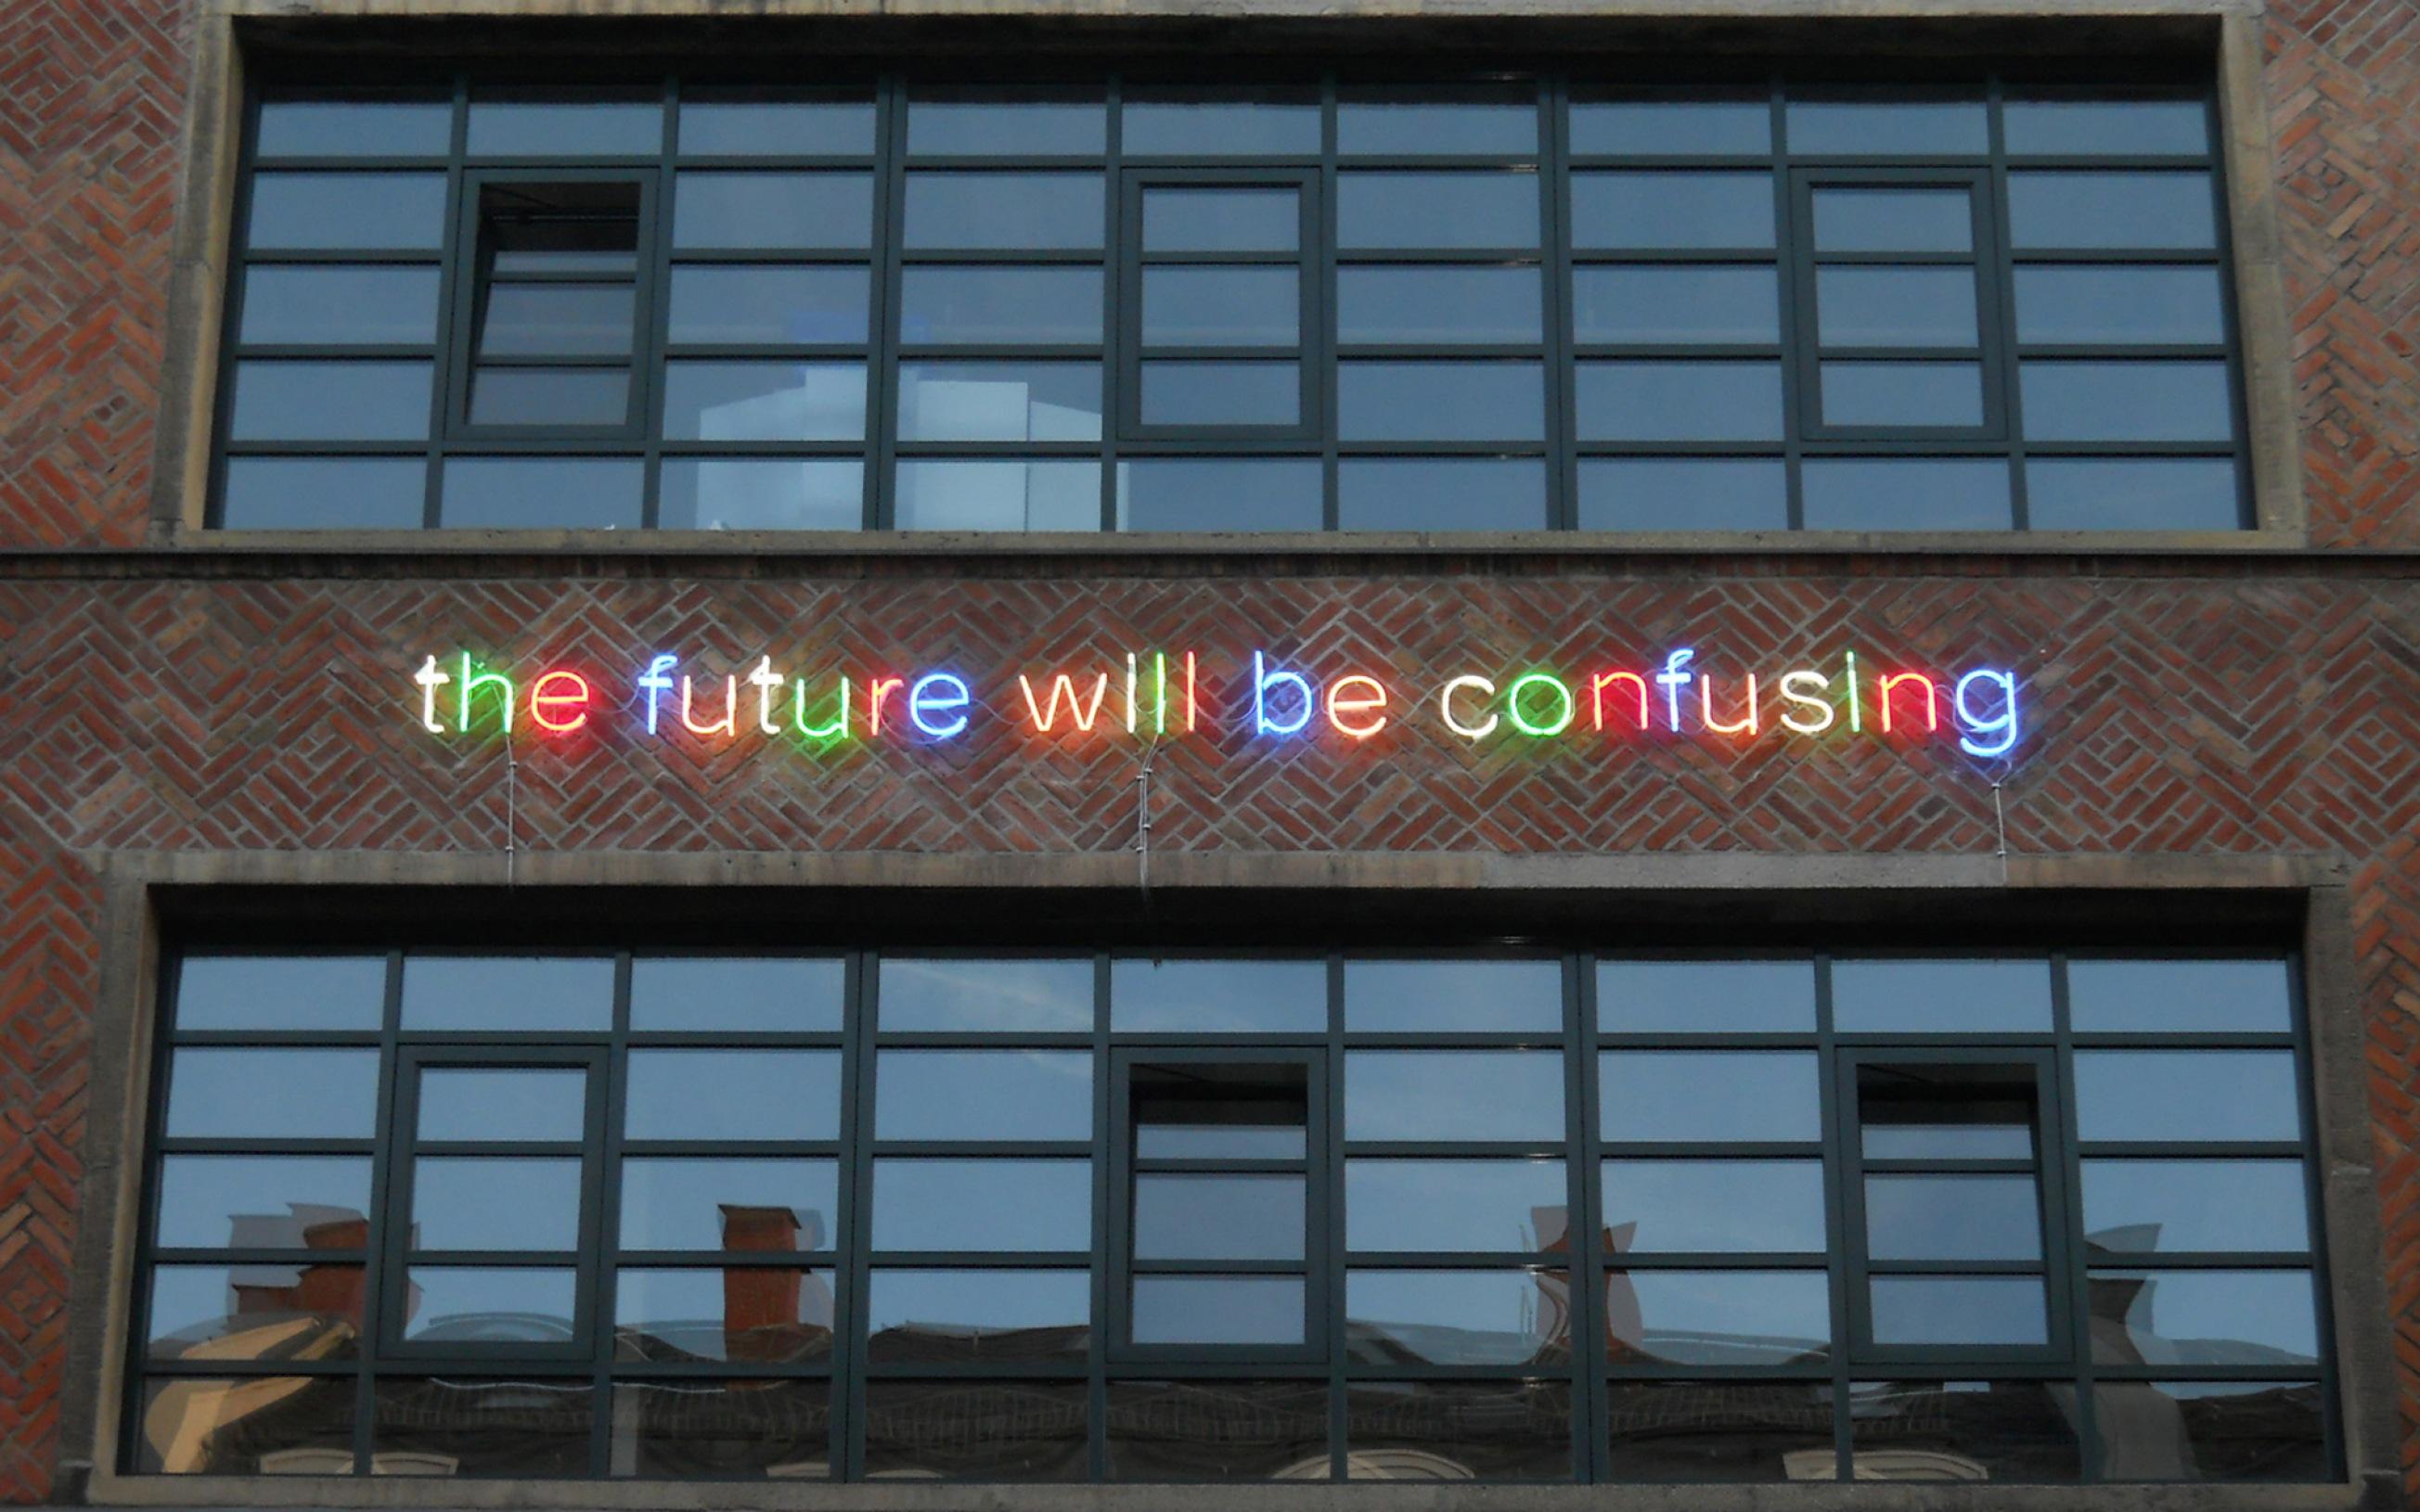 Neon-Installation von Tim Etchells, Mousonturm, Frankfurt am Main